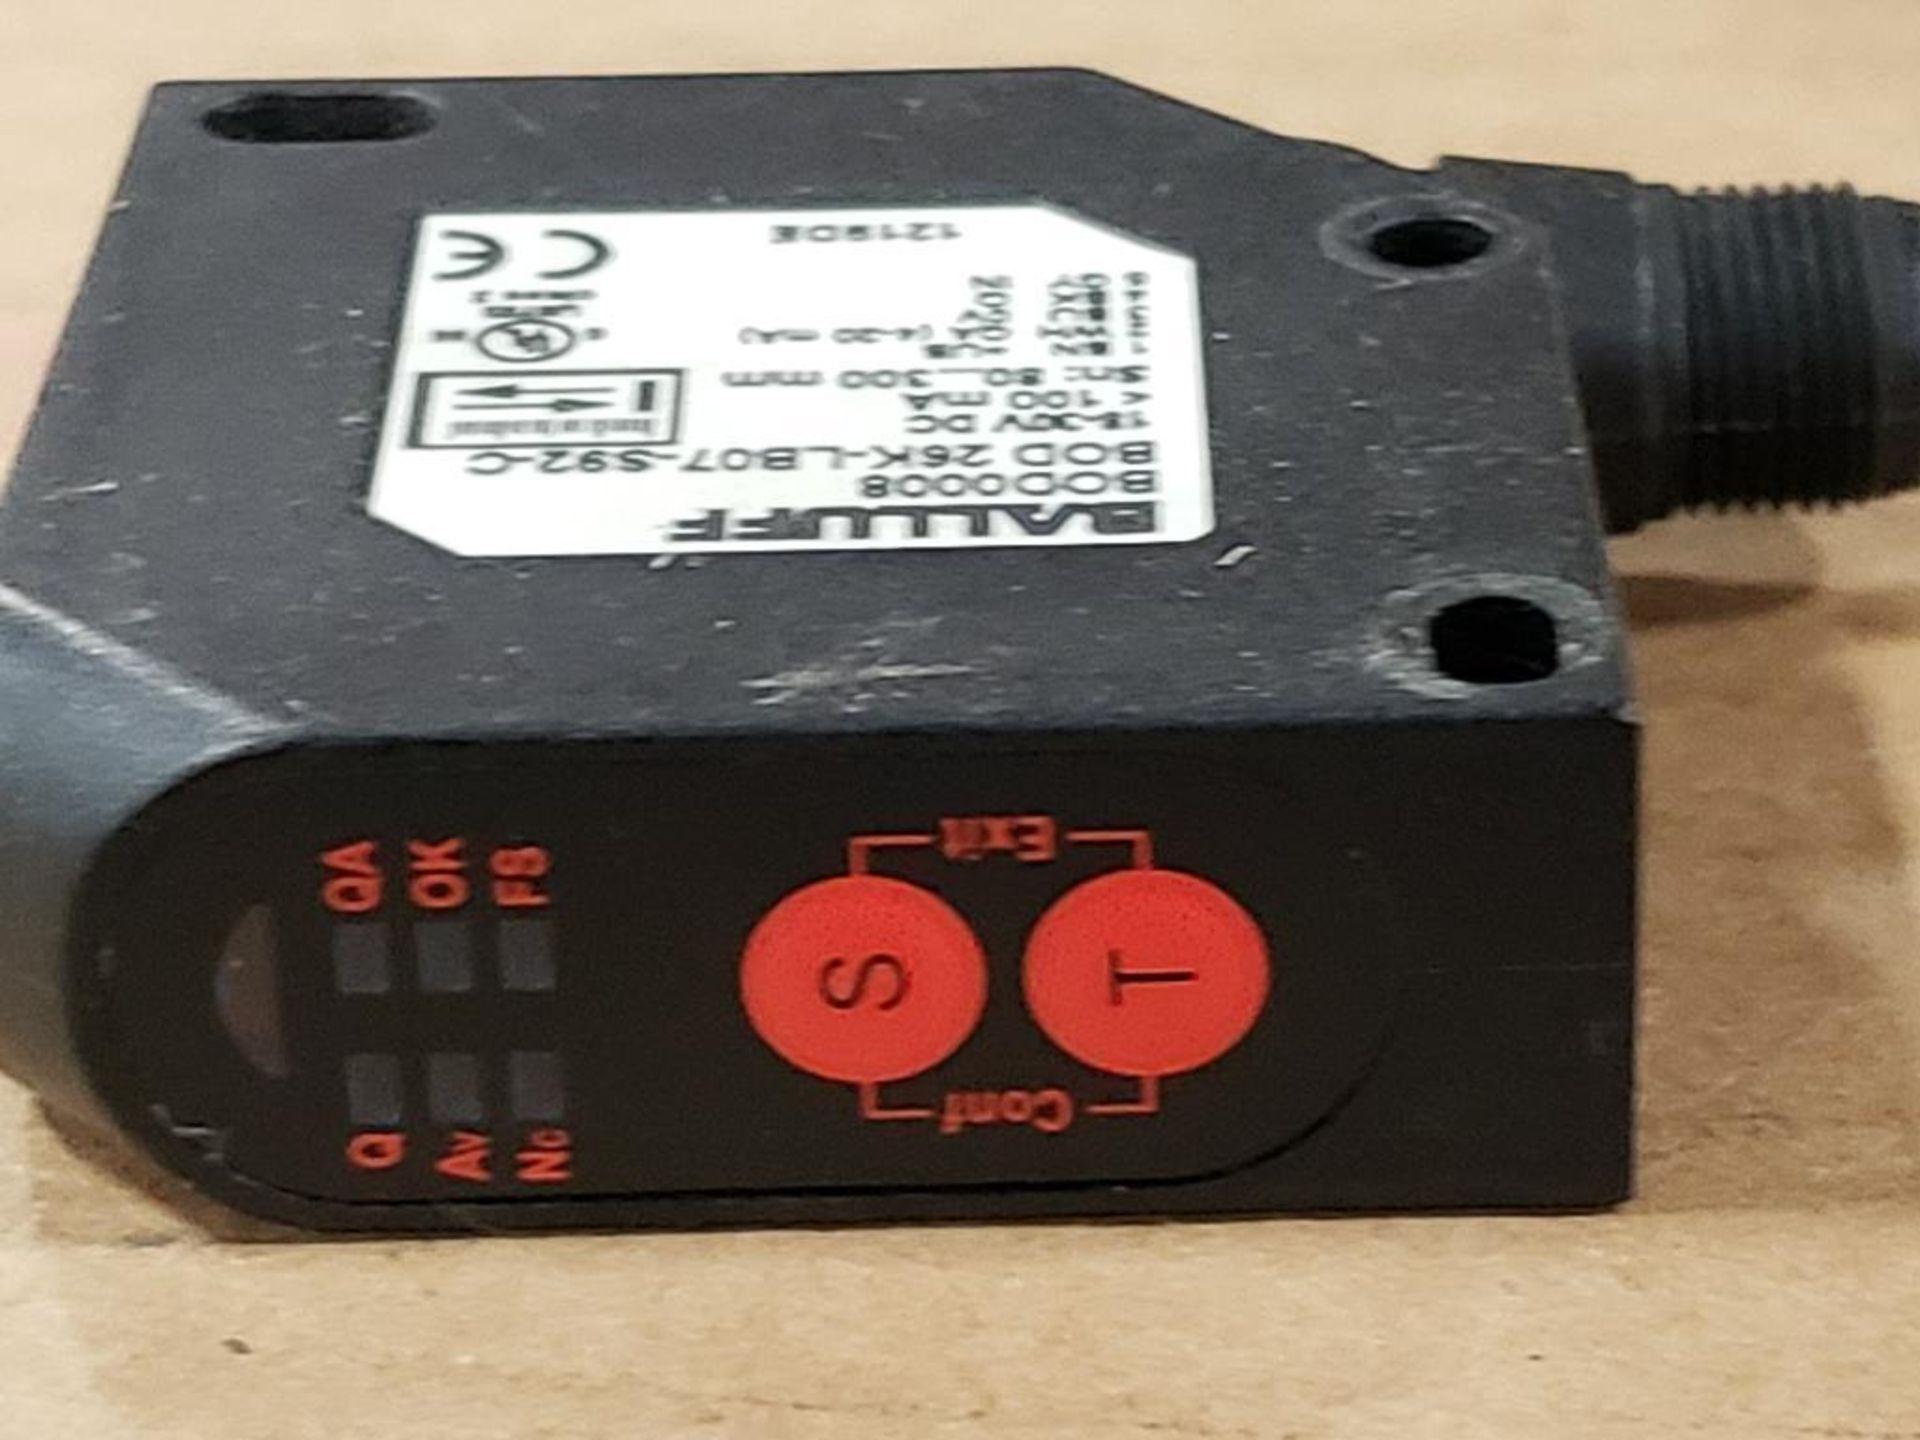 Qty 3 - Balluff BOD0008 BOD 26K-LB07-S92-C Sensor. - Image 8 of 10